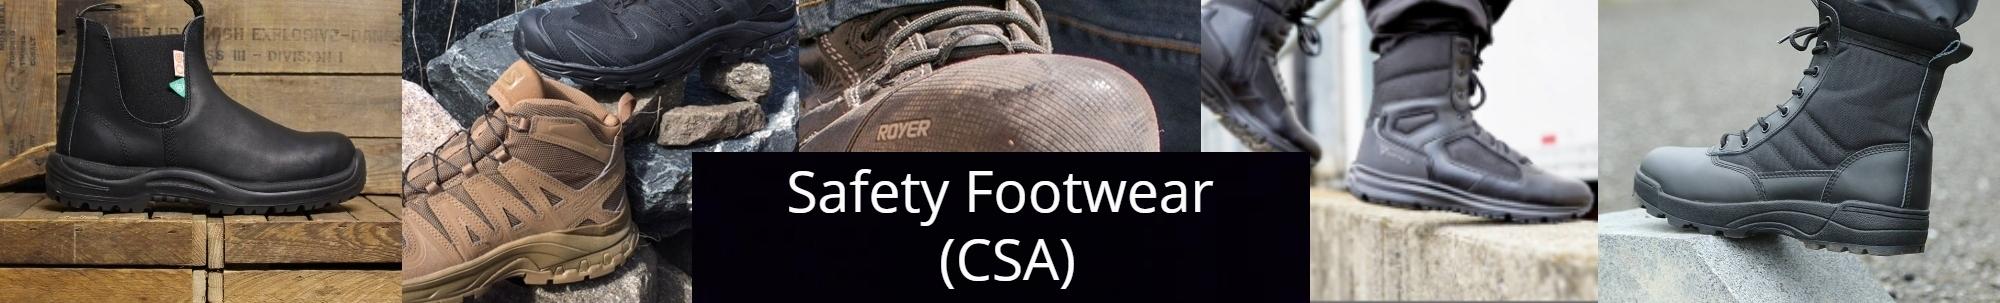 boots-maleCSAFOOTWEAR.jpg